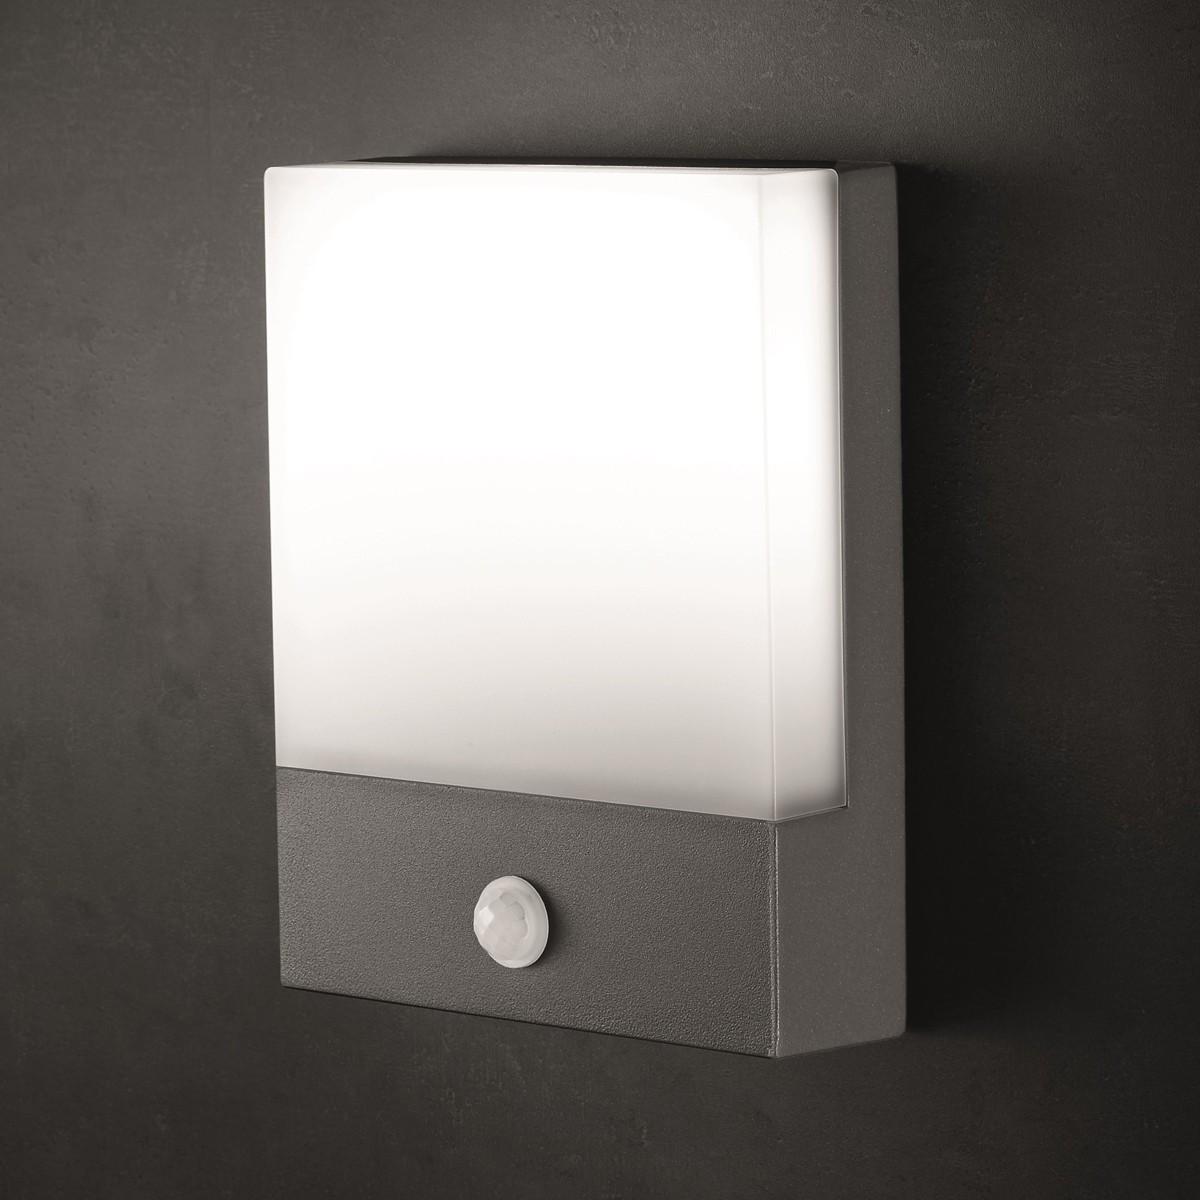 Lupia Licht Pad Außenwandleuchte, mit Sensor, anthrazit